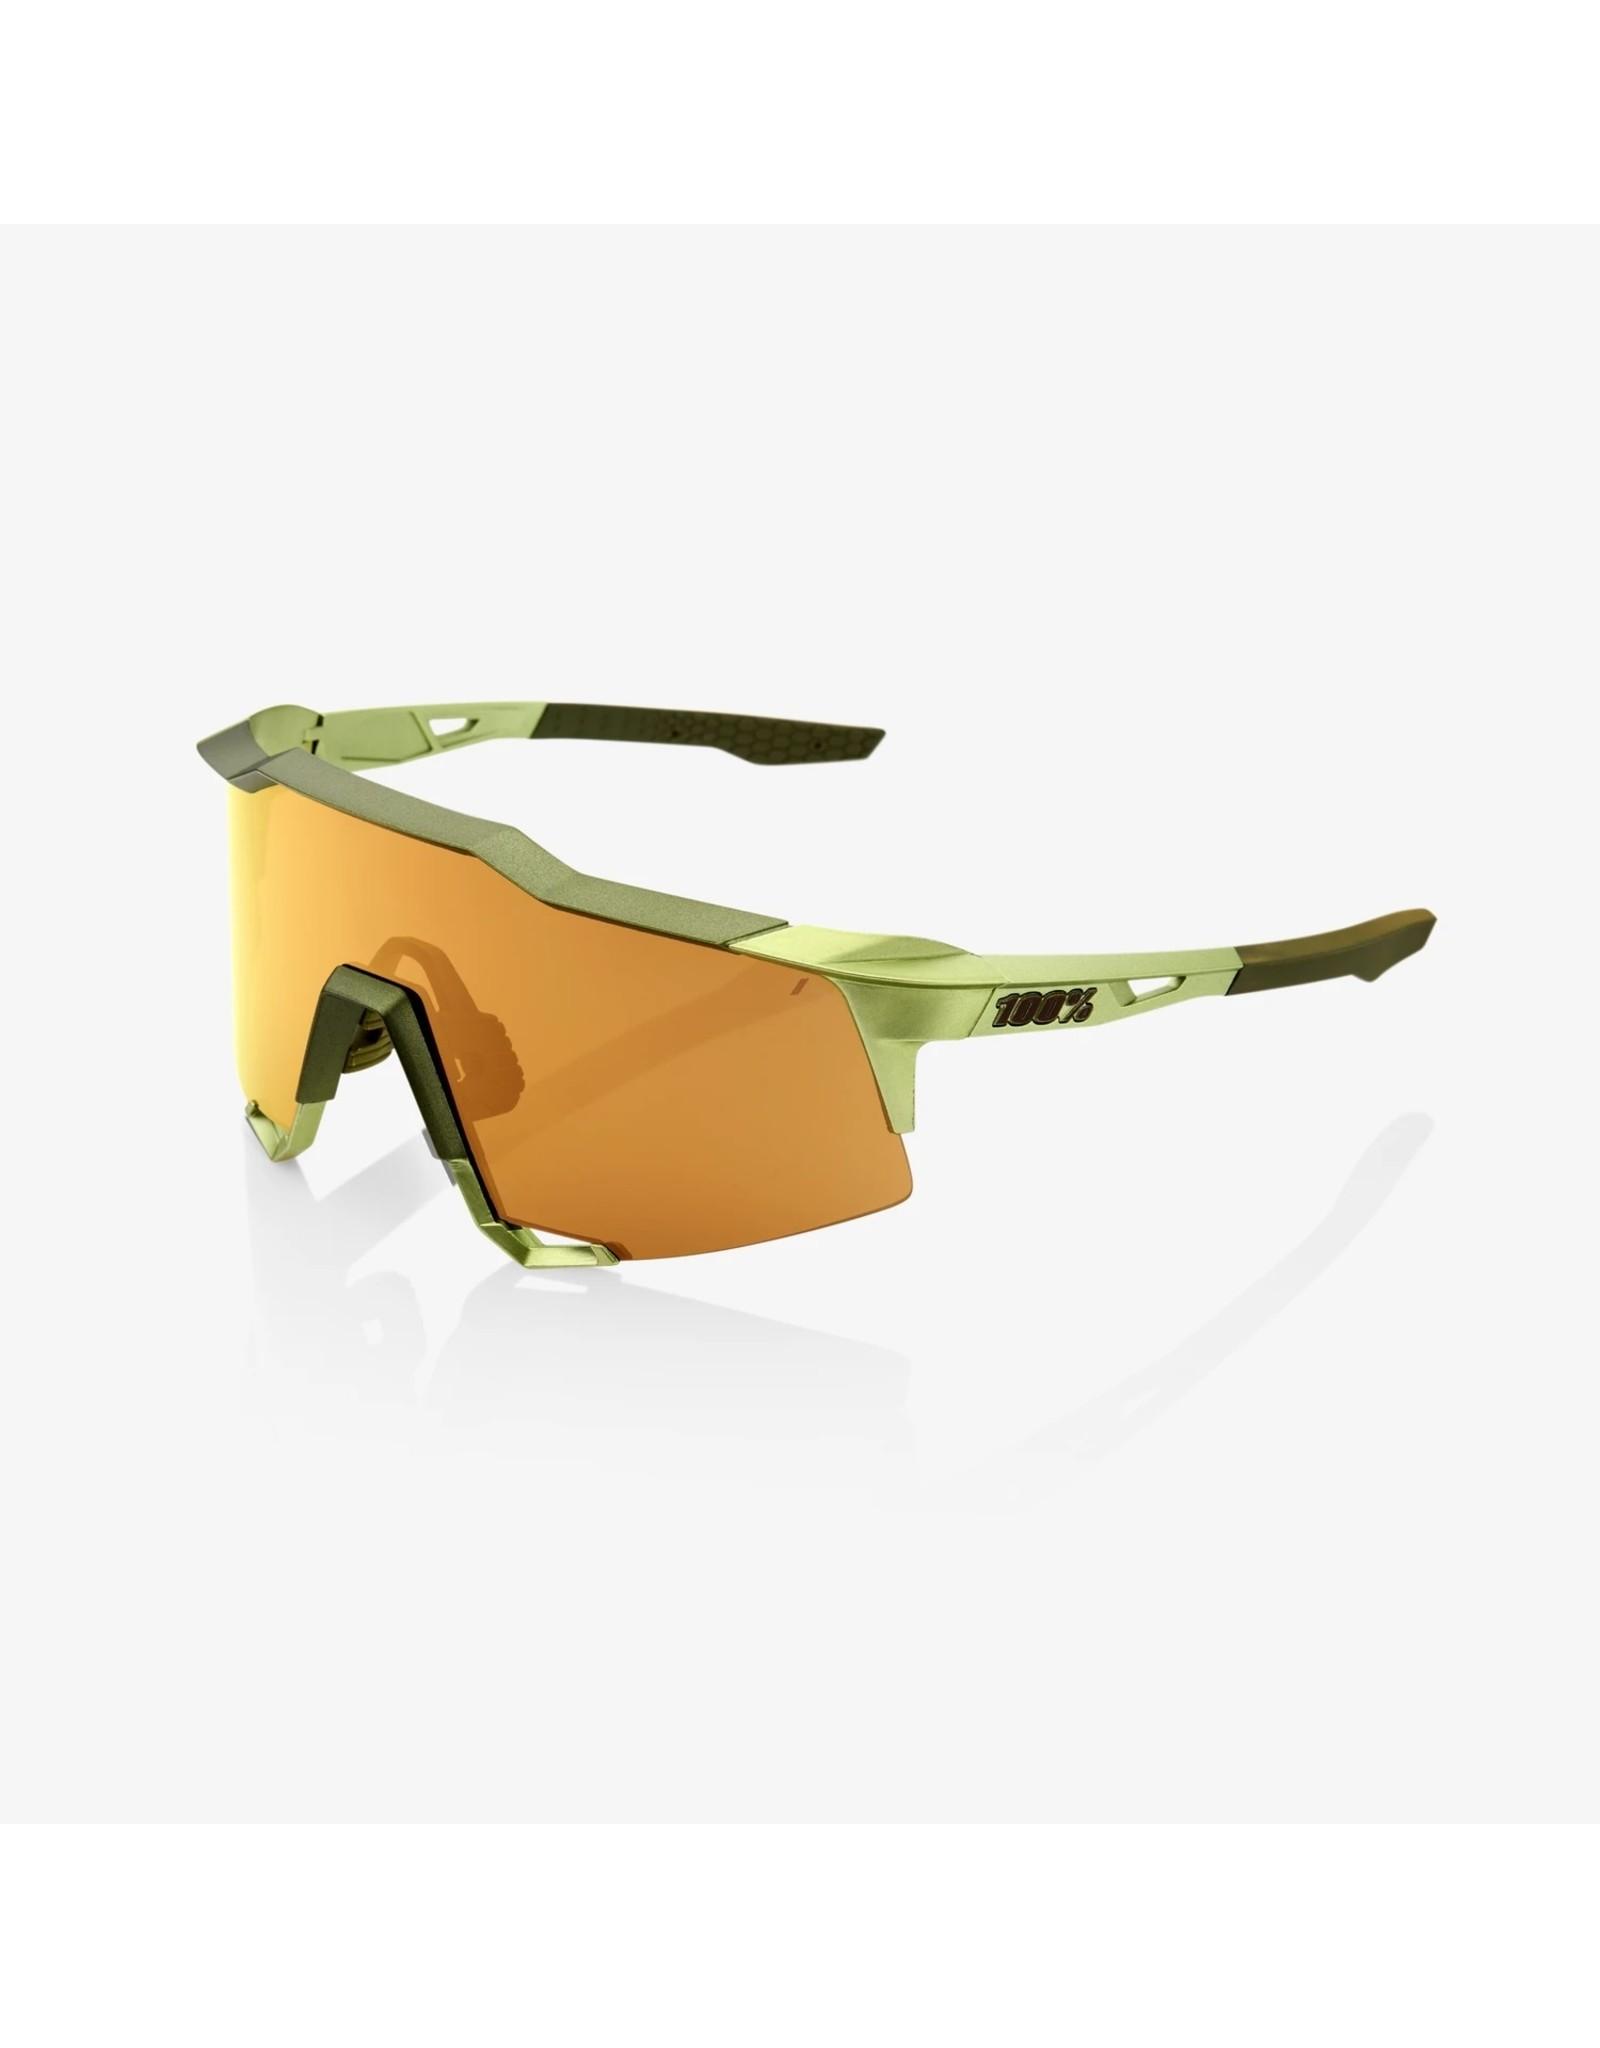 100% 100%, Speedcraft Sunglasses